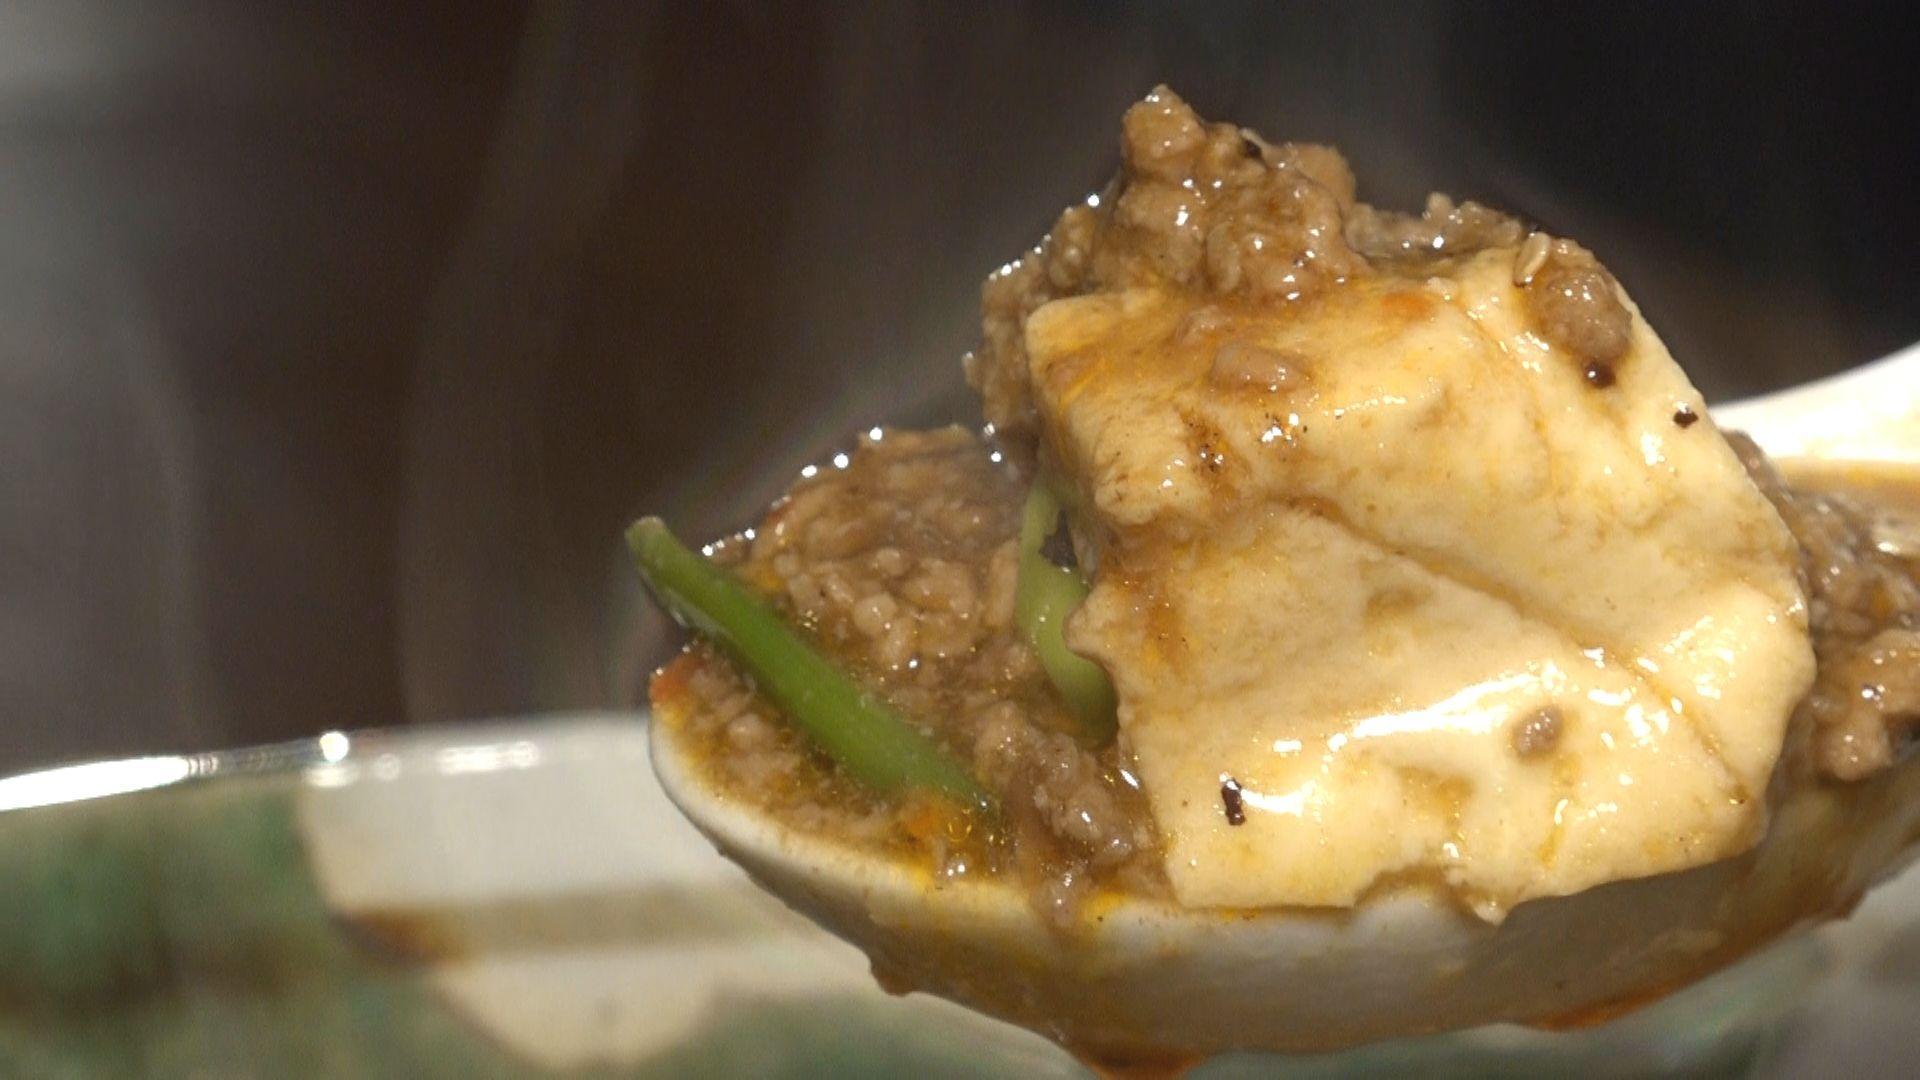 無類の麻婆豆腐好きなご主人によって産み出される絶品麻婆豆腐!